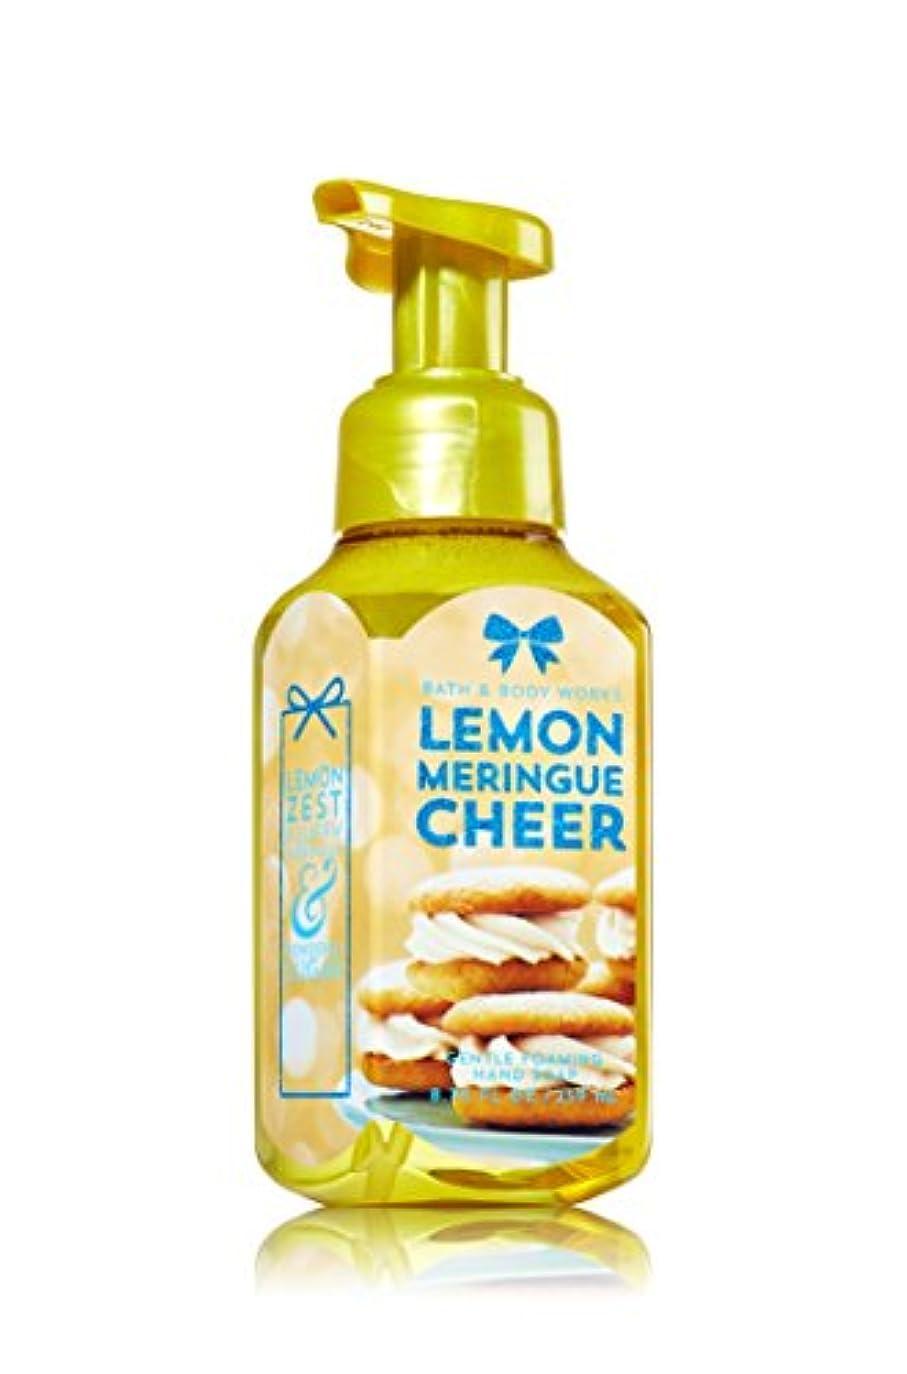 通訳うんざり特異性バス&ボディワークス ジェントル フォーミング ハンドソープ LEMON MERINGUE CHEER Gentle Foaming Hand Soap [並行輸入品]